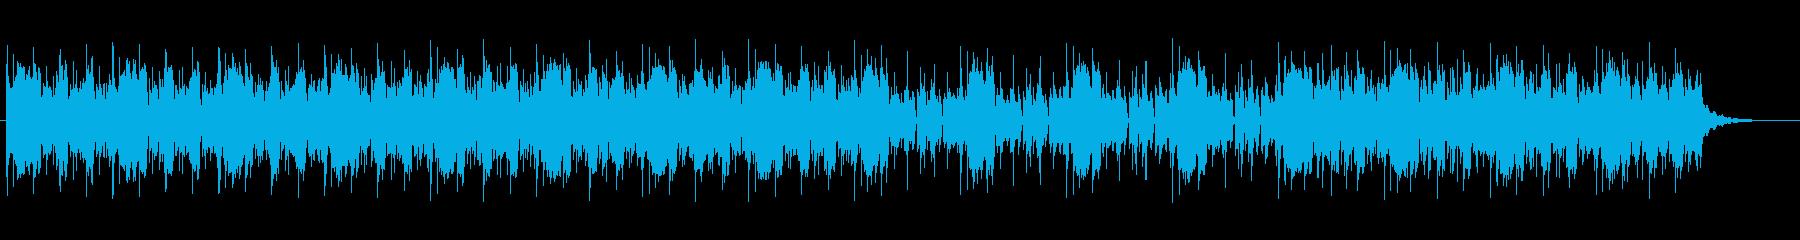 コミカルなテクノミュージックの再生済みの波形